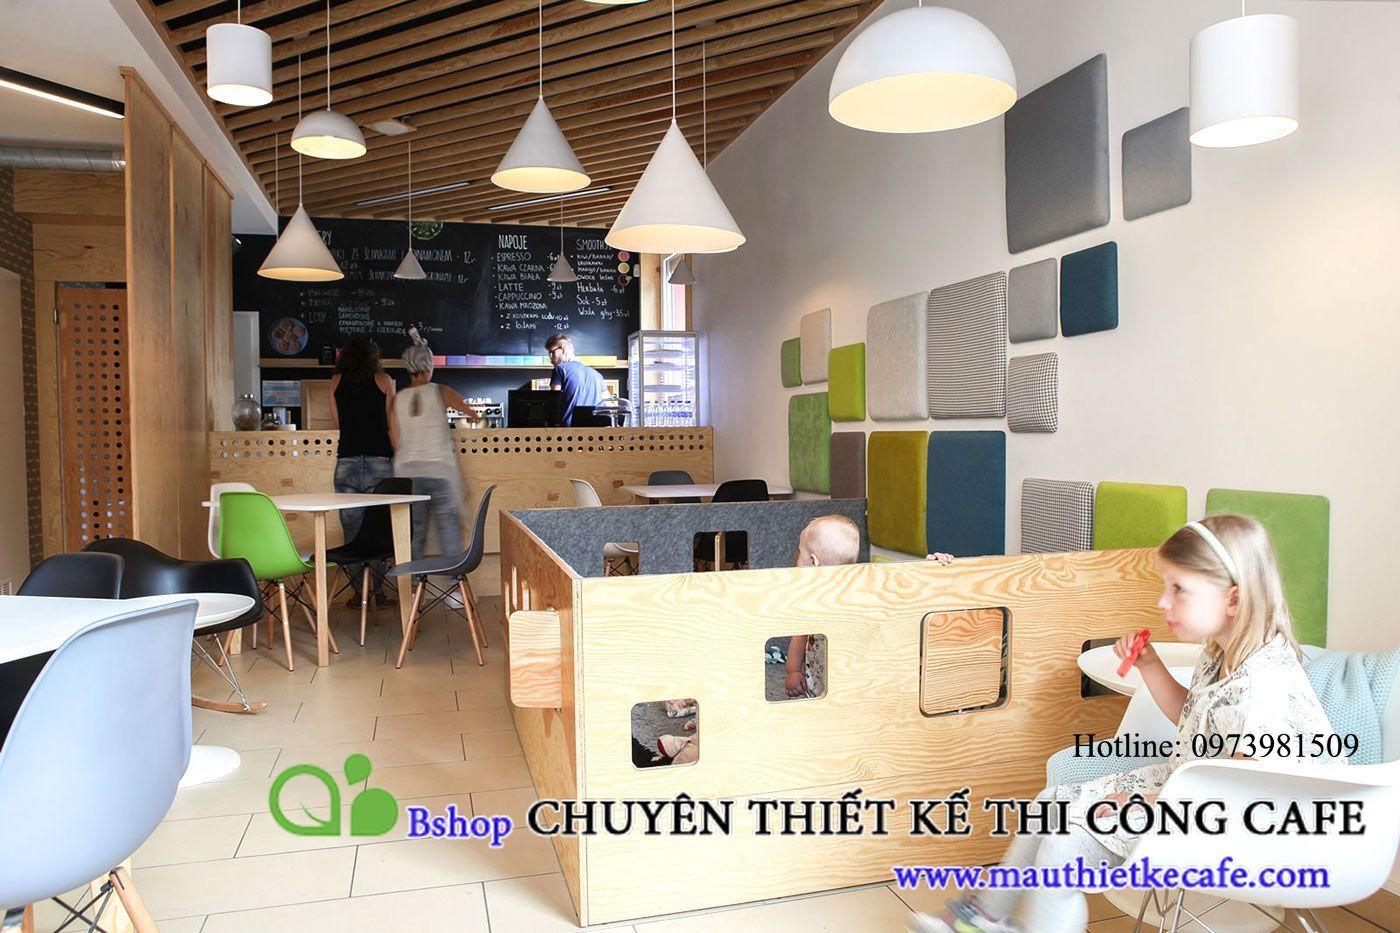 QUAN-CAFE-DANH-CHO-CAC-GIA-DINH-TRE (2)_MAUTHIETKECAFE.COM